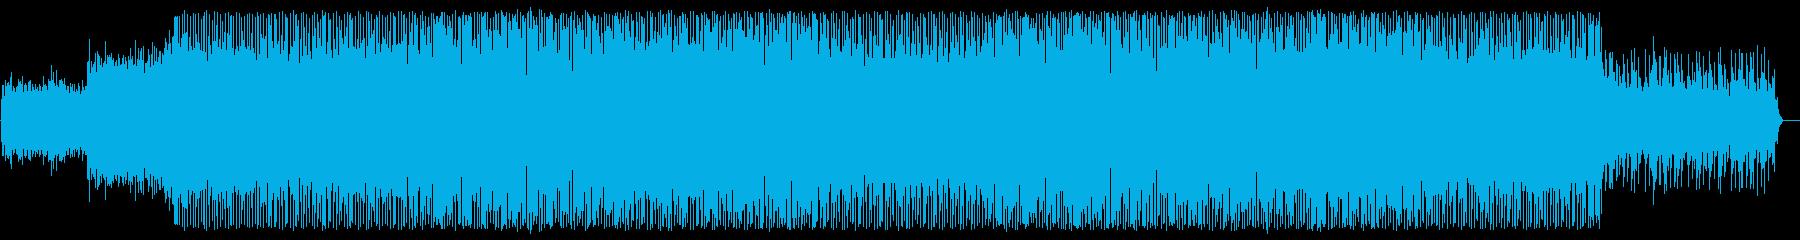 美しいピアノの旋律、ユーロ系テクノの再生済みの波形